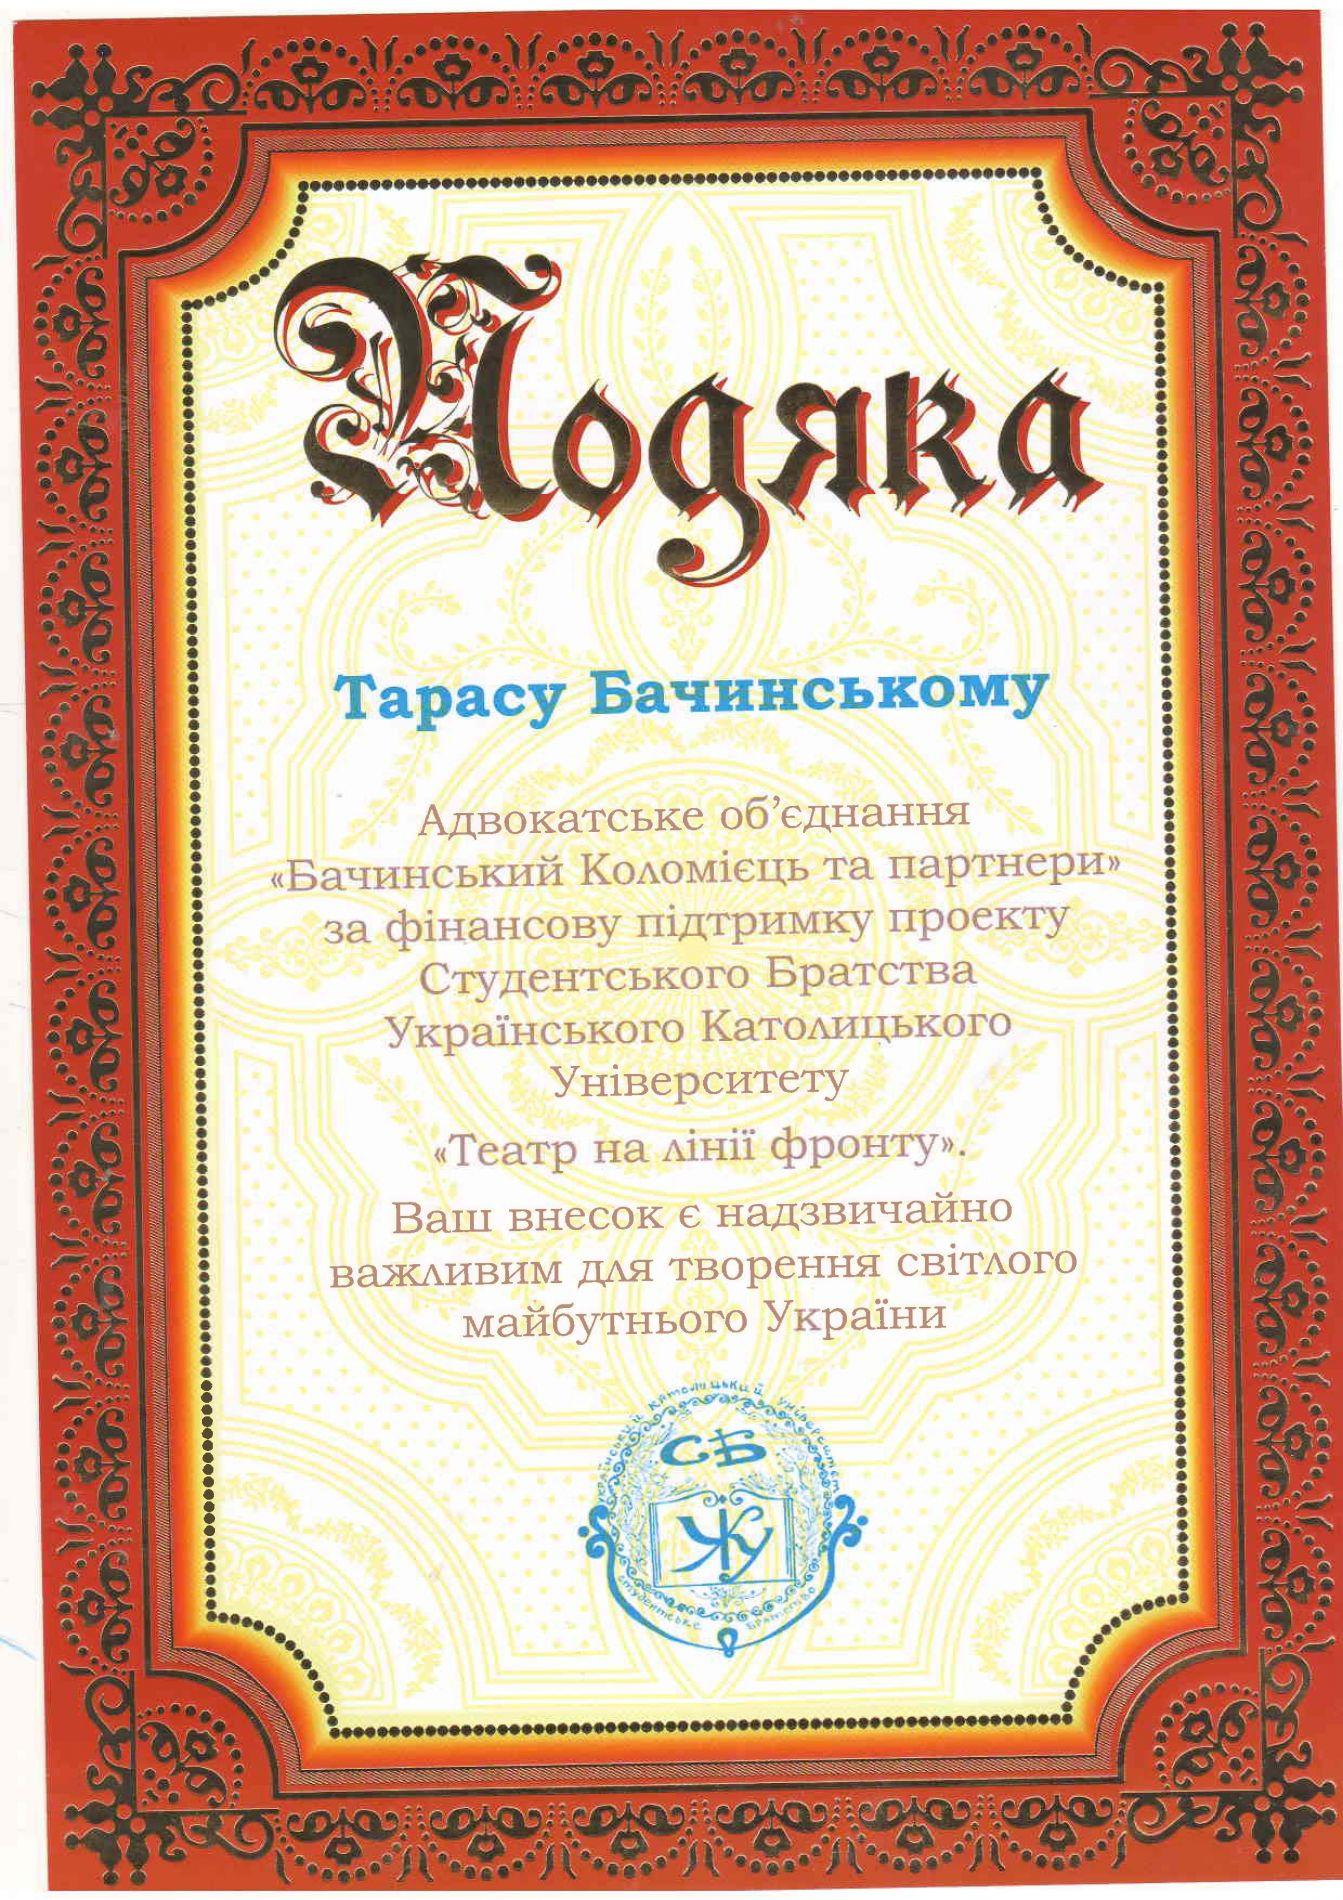 Сертифікати0001_Страница_10